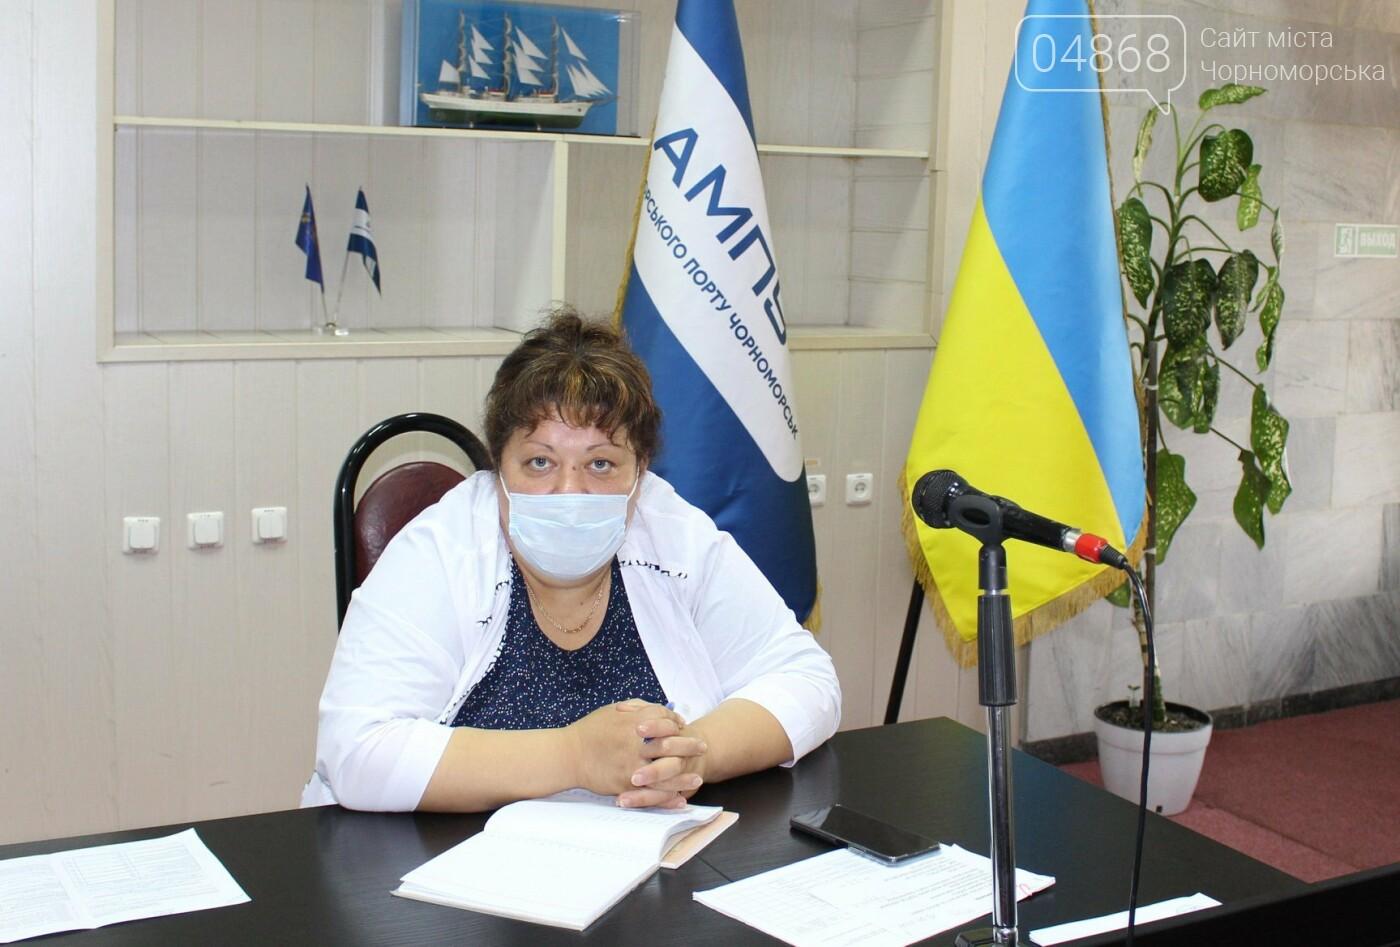 В Черноморске продолжается вакцинация работников Администрации морского порта, фото-5